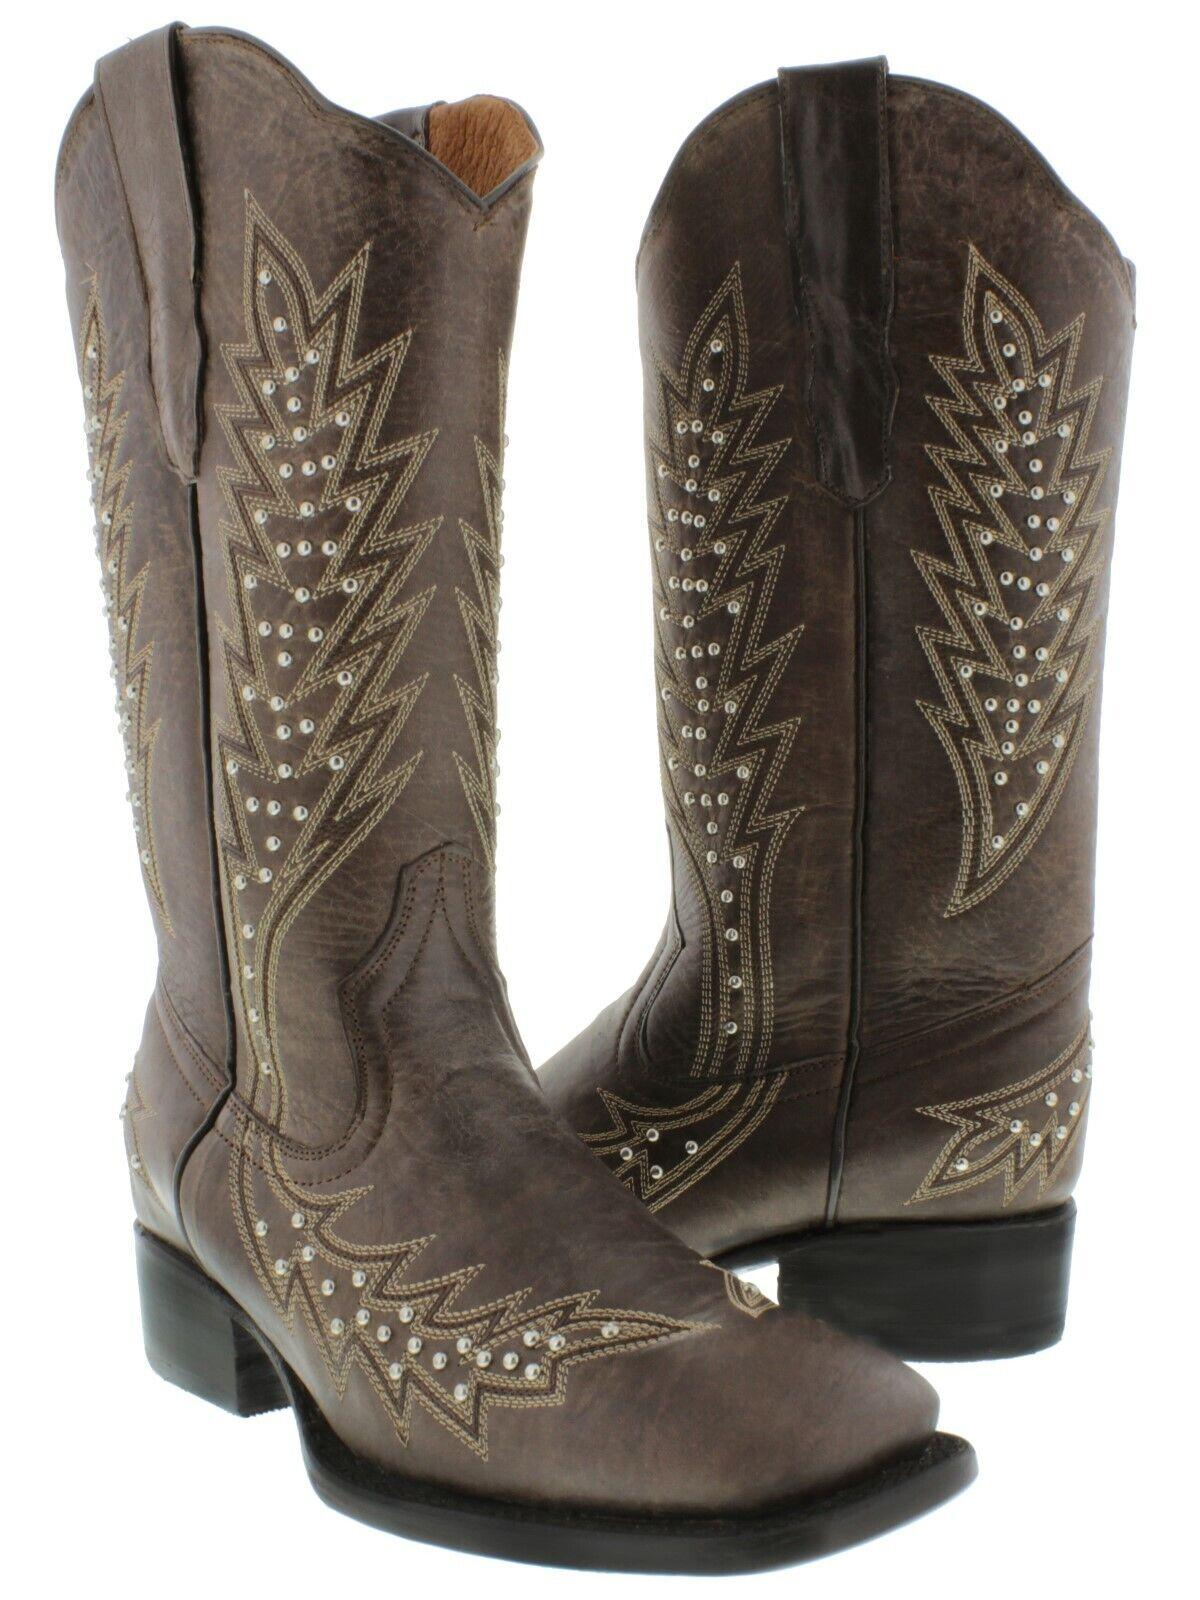 Bottines Femme Marron Western Cowgirl Bottes clous argentés brodé Bout Carré